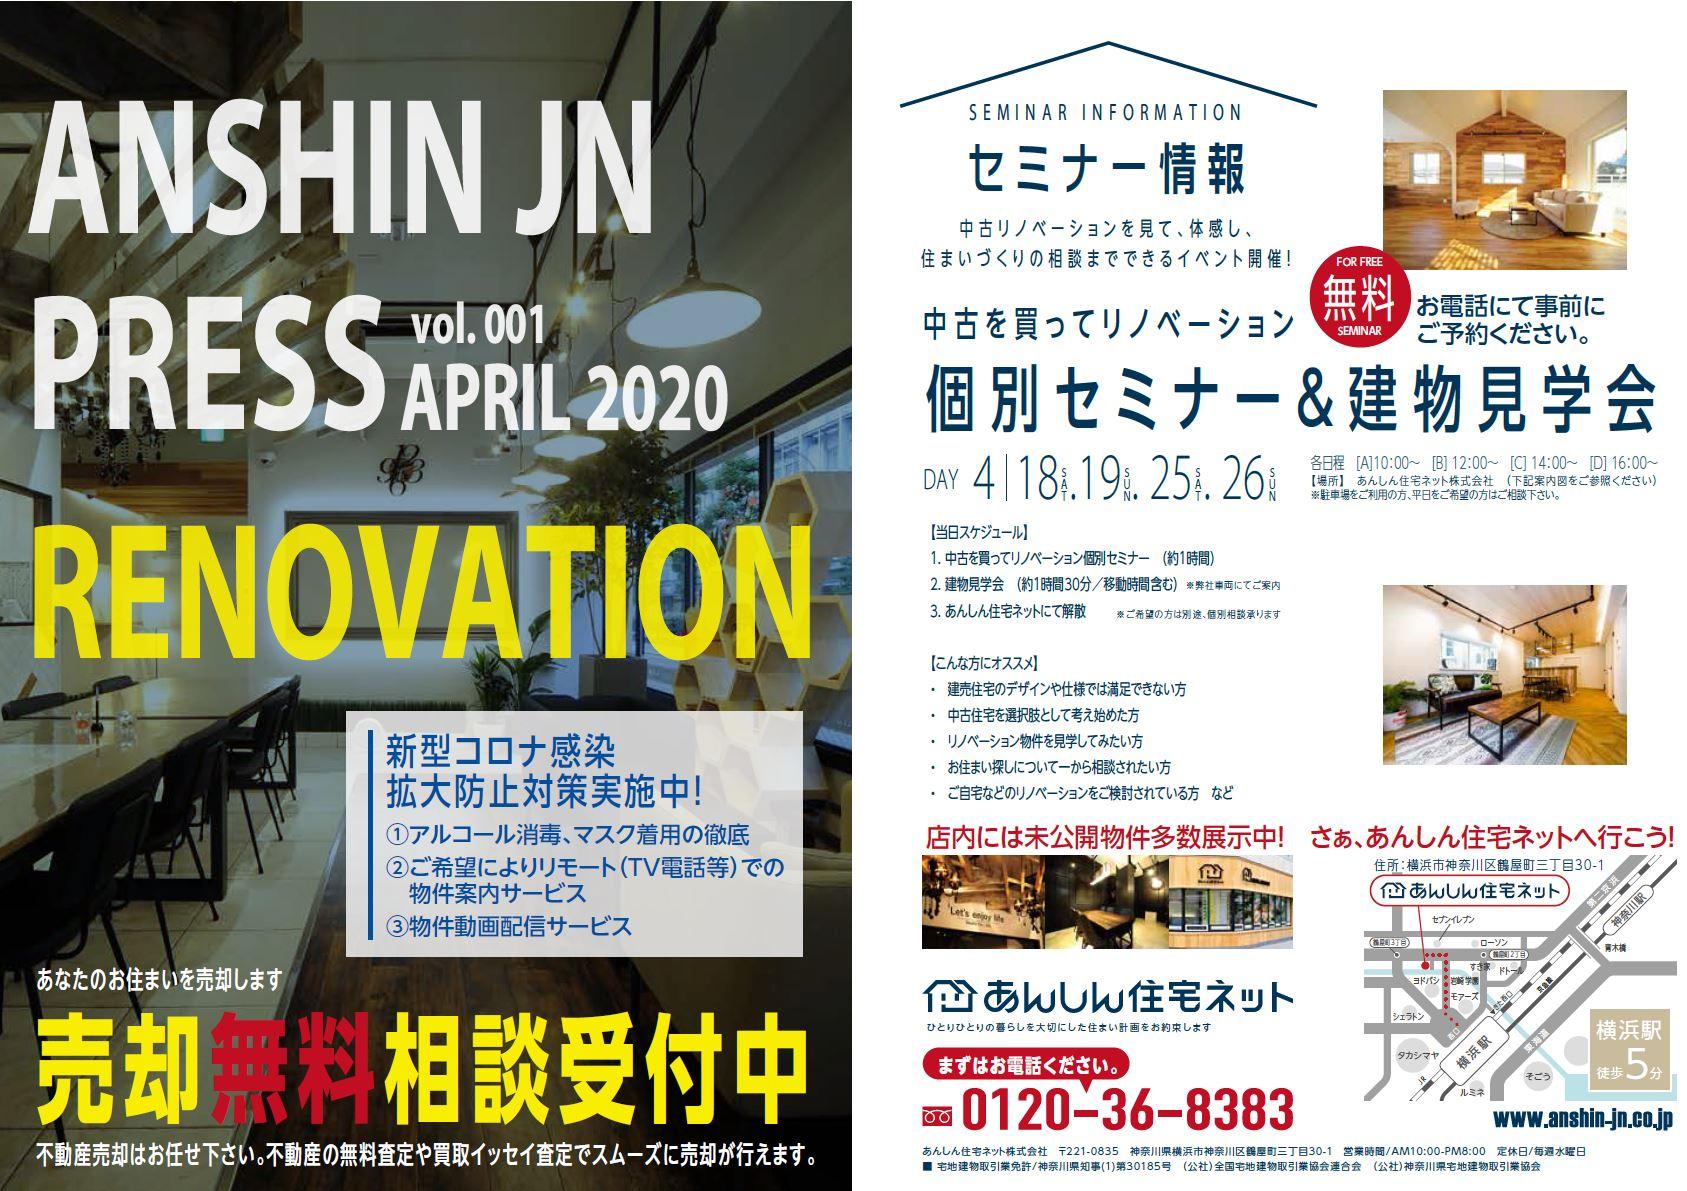 【無料・1日4回開催】個別セミナー&建物見学会 4/26(日)12時~